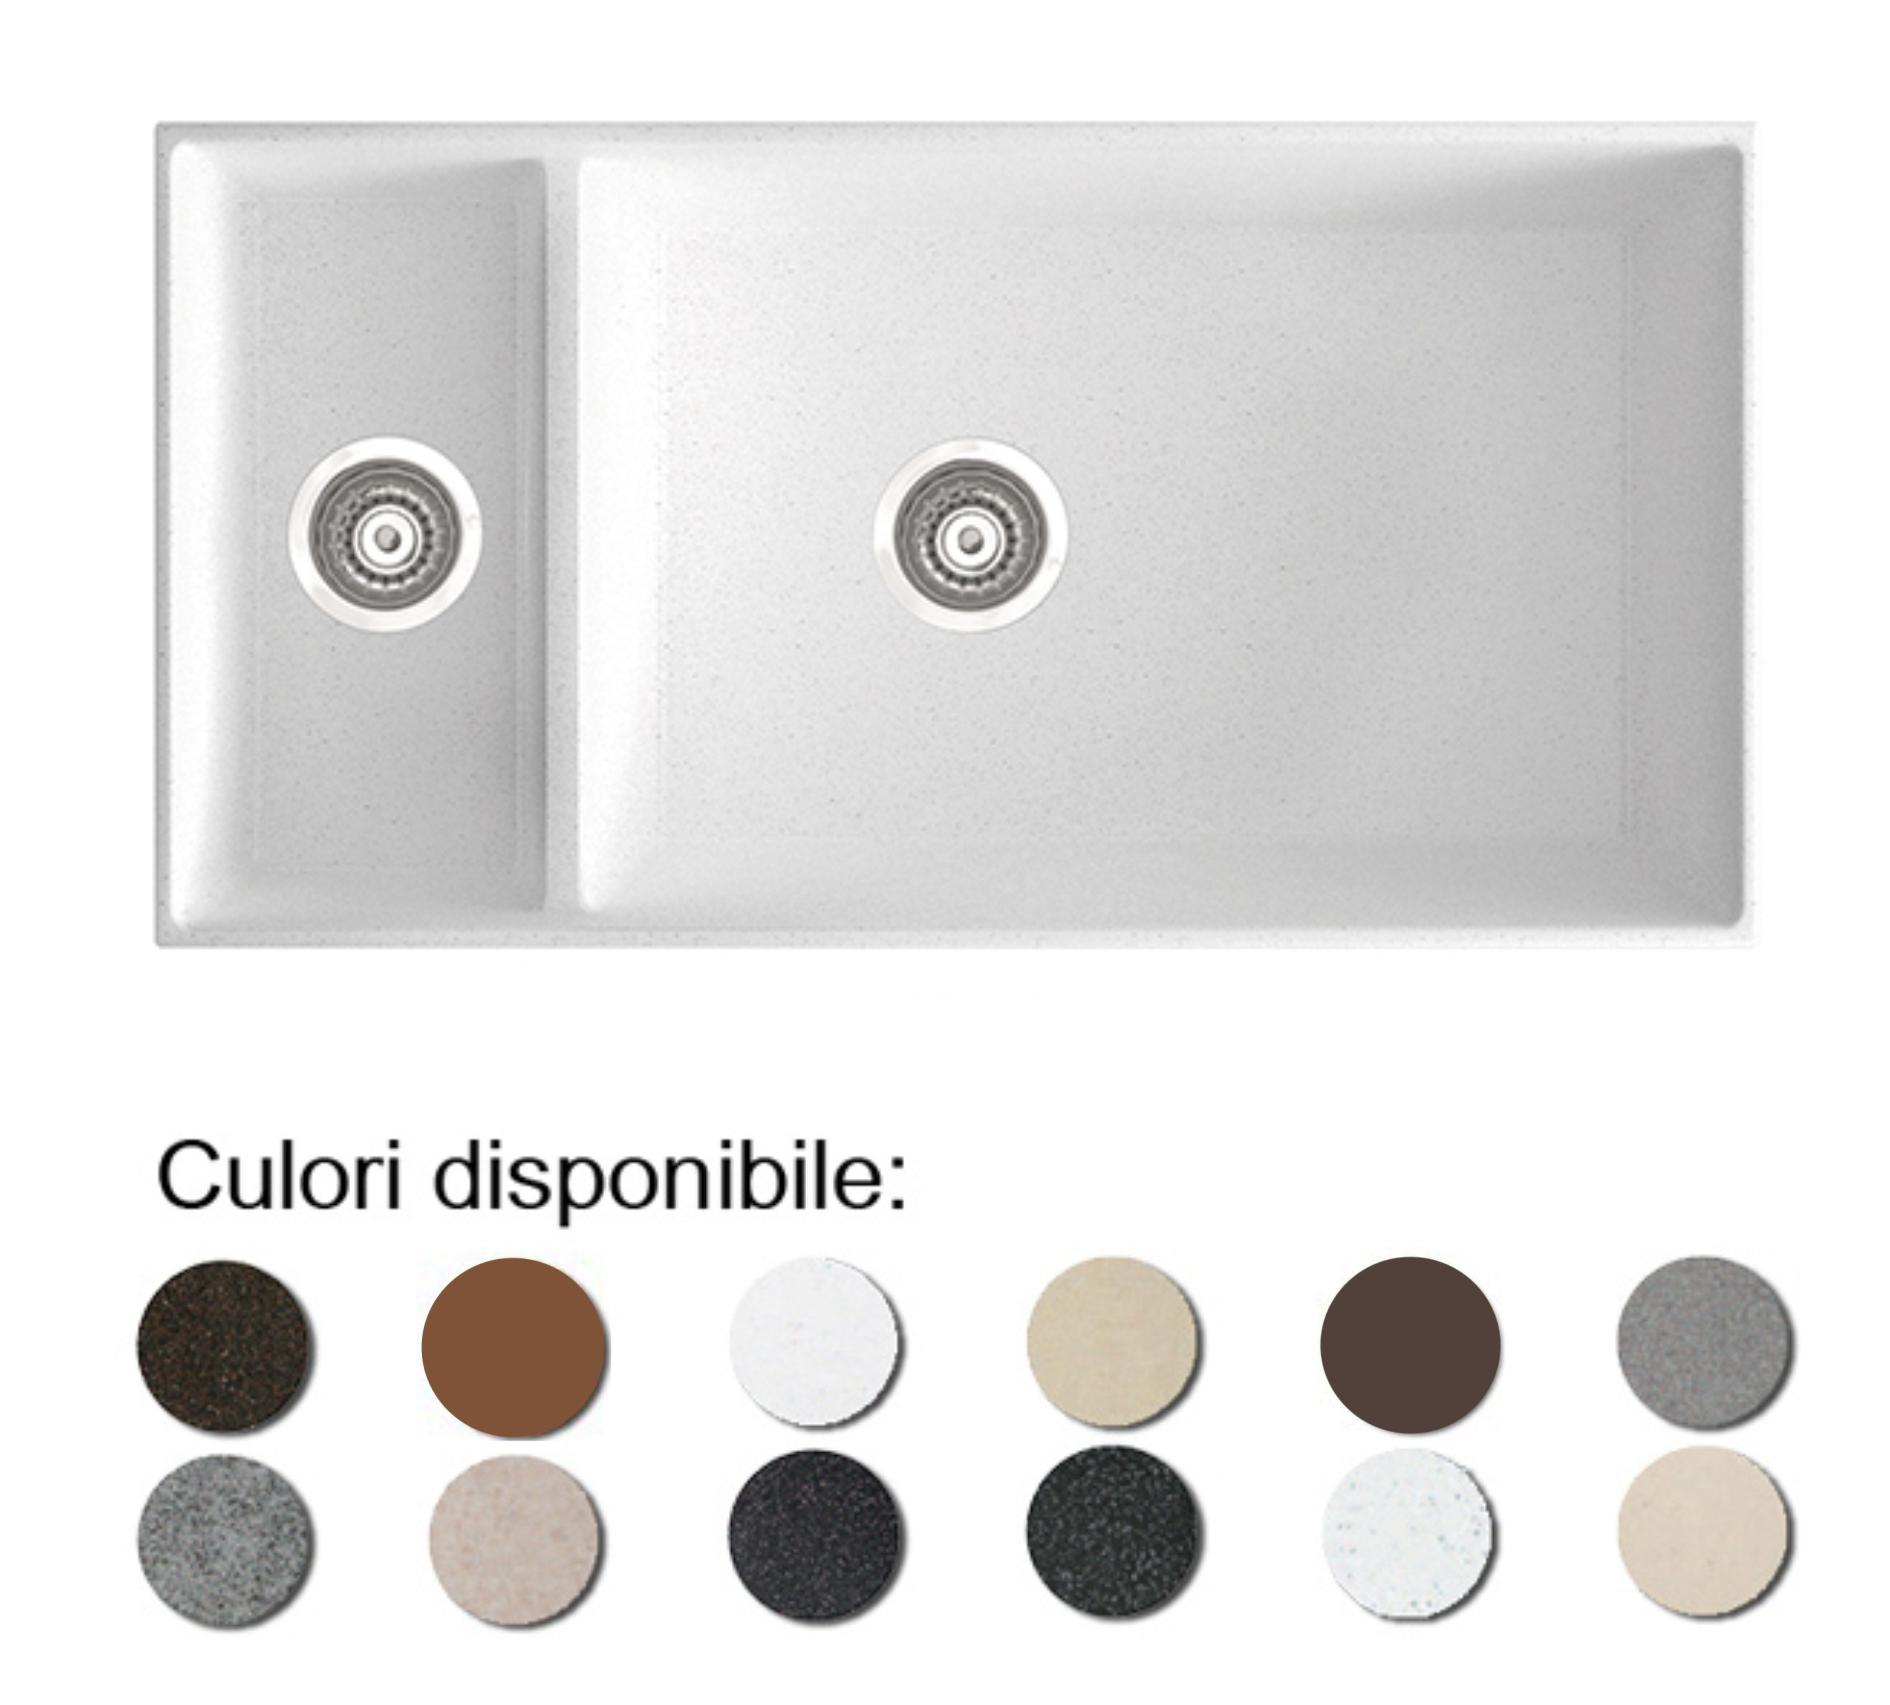 Chiuveta Bucatarie Granit Compozit Anticalcar Cuve - 6458